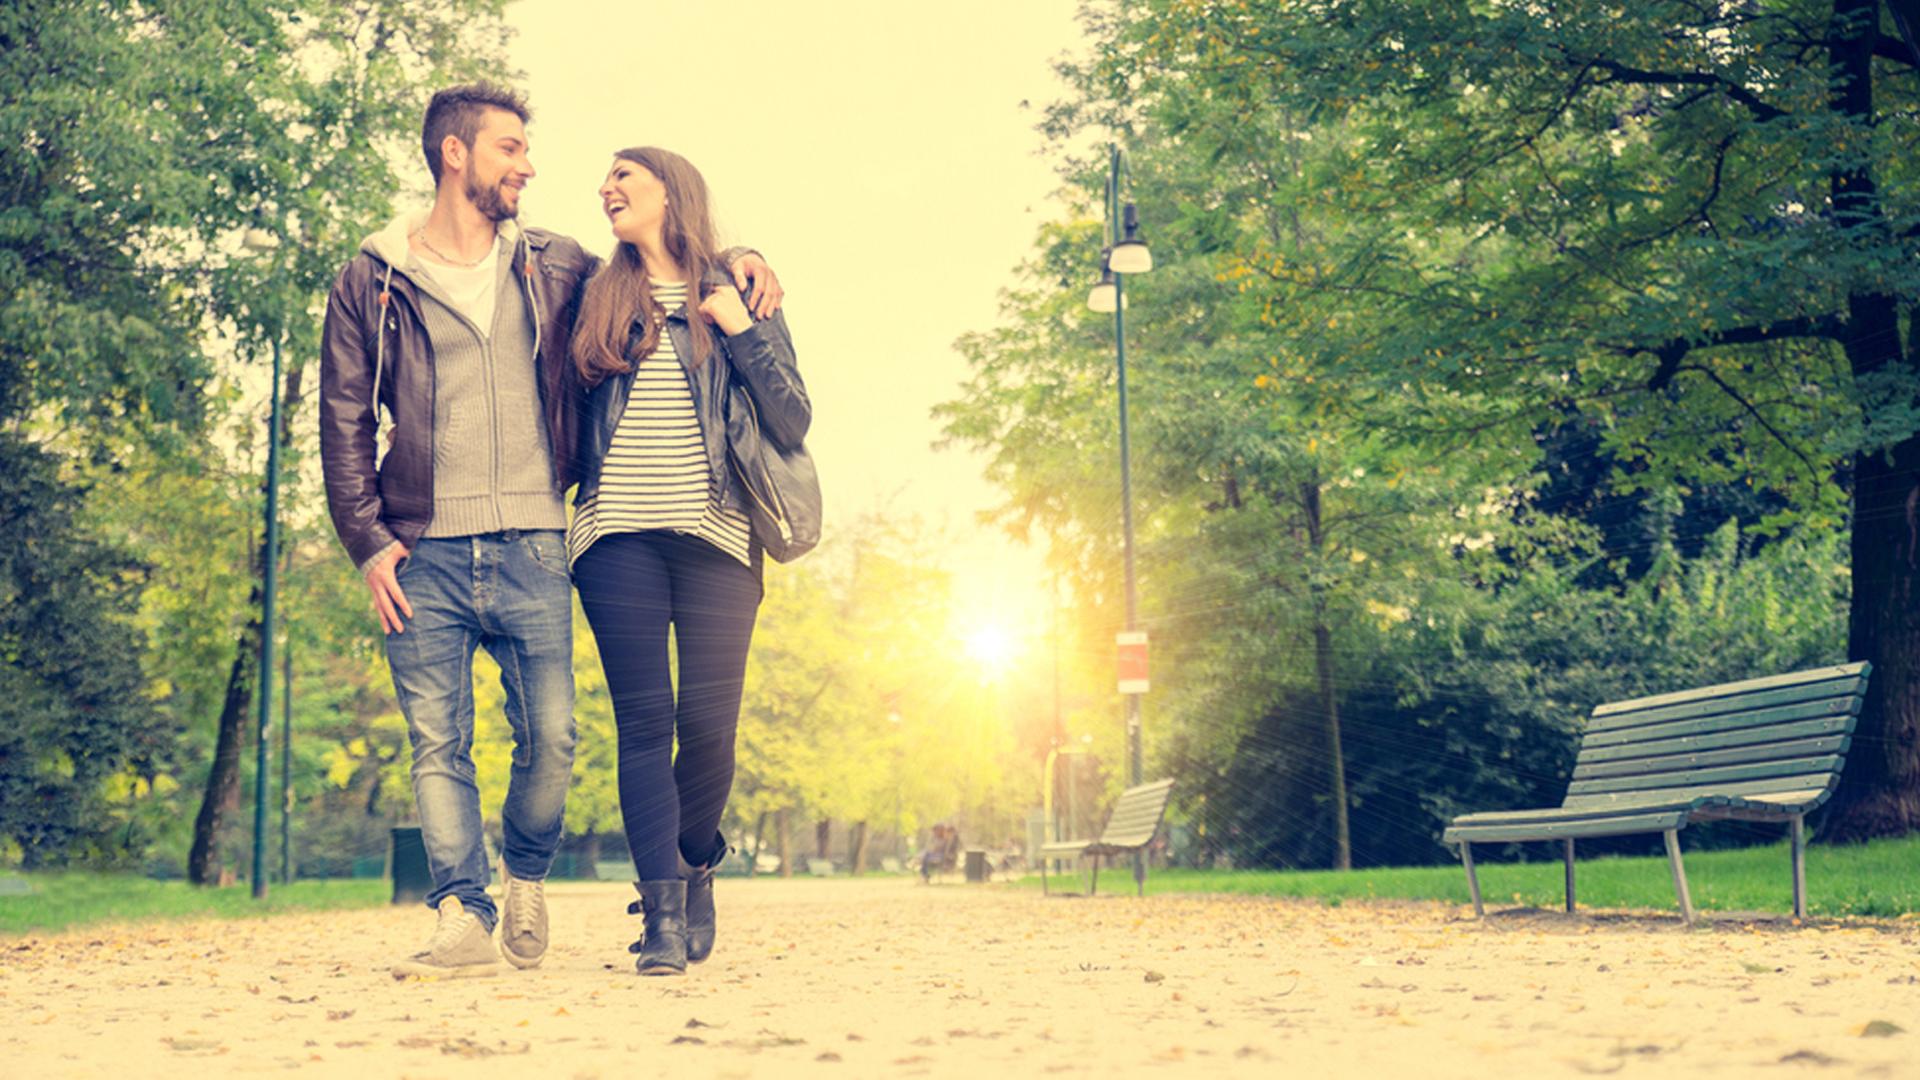 Esta fecha es una buena oportunidad para dar y recibir (Shutterstock)